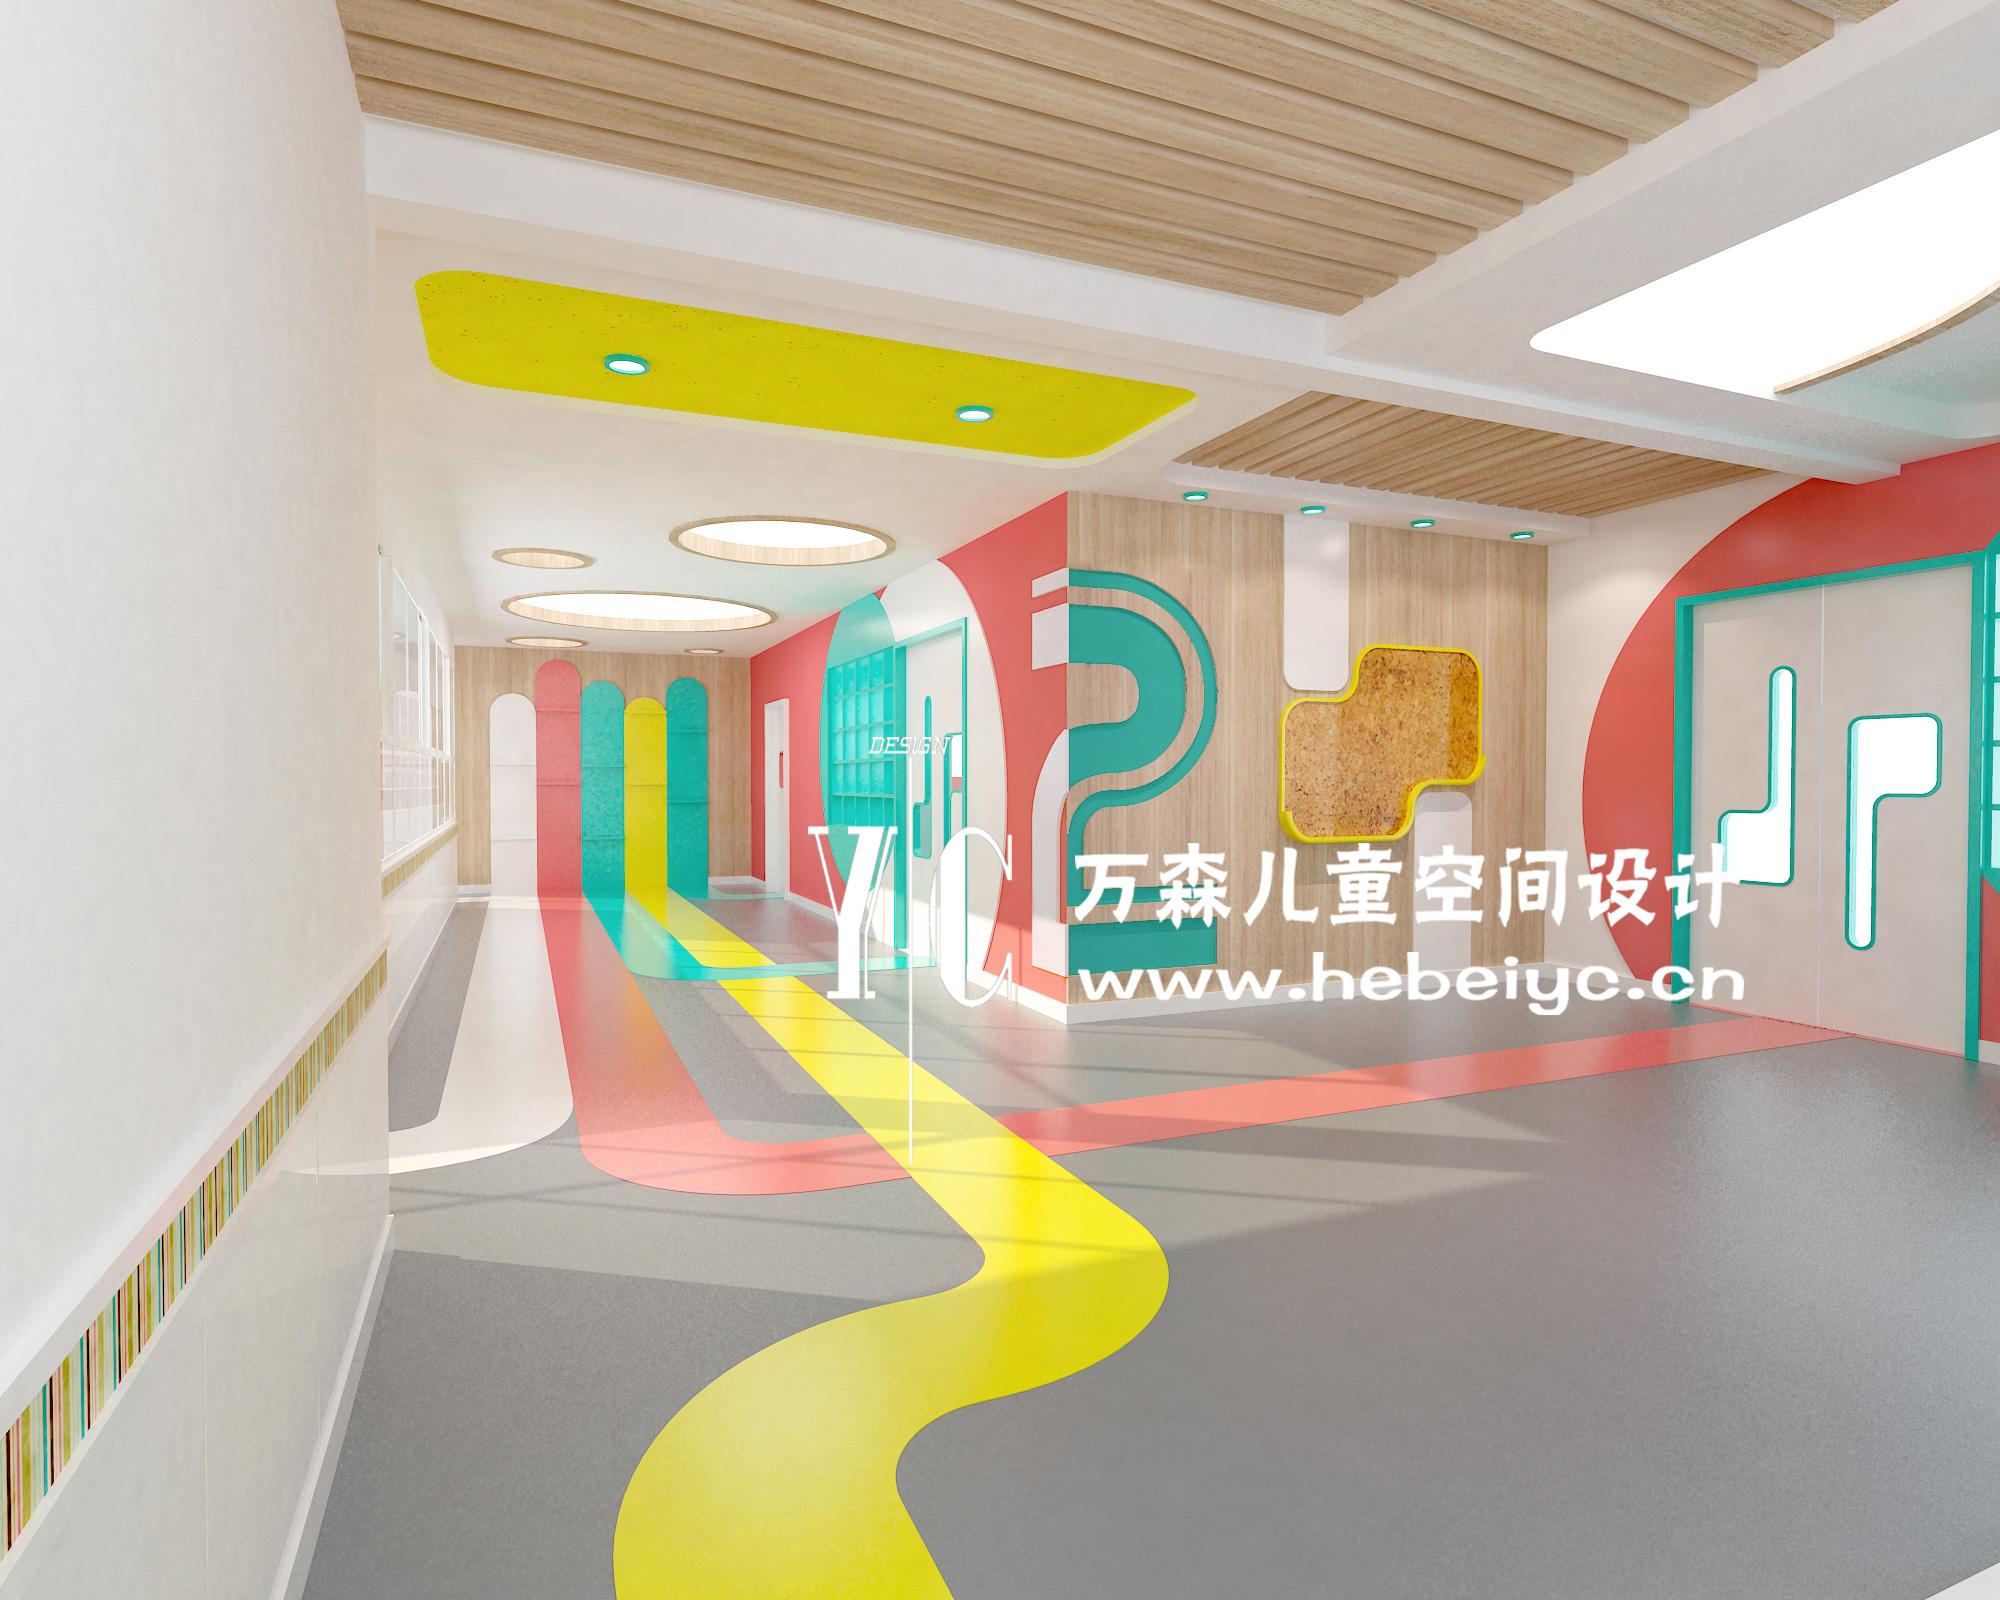 河北|幼儿园装修设计|幼儿园设计效果|幼儿园装修设计大图